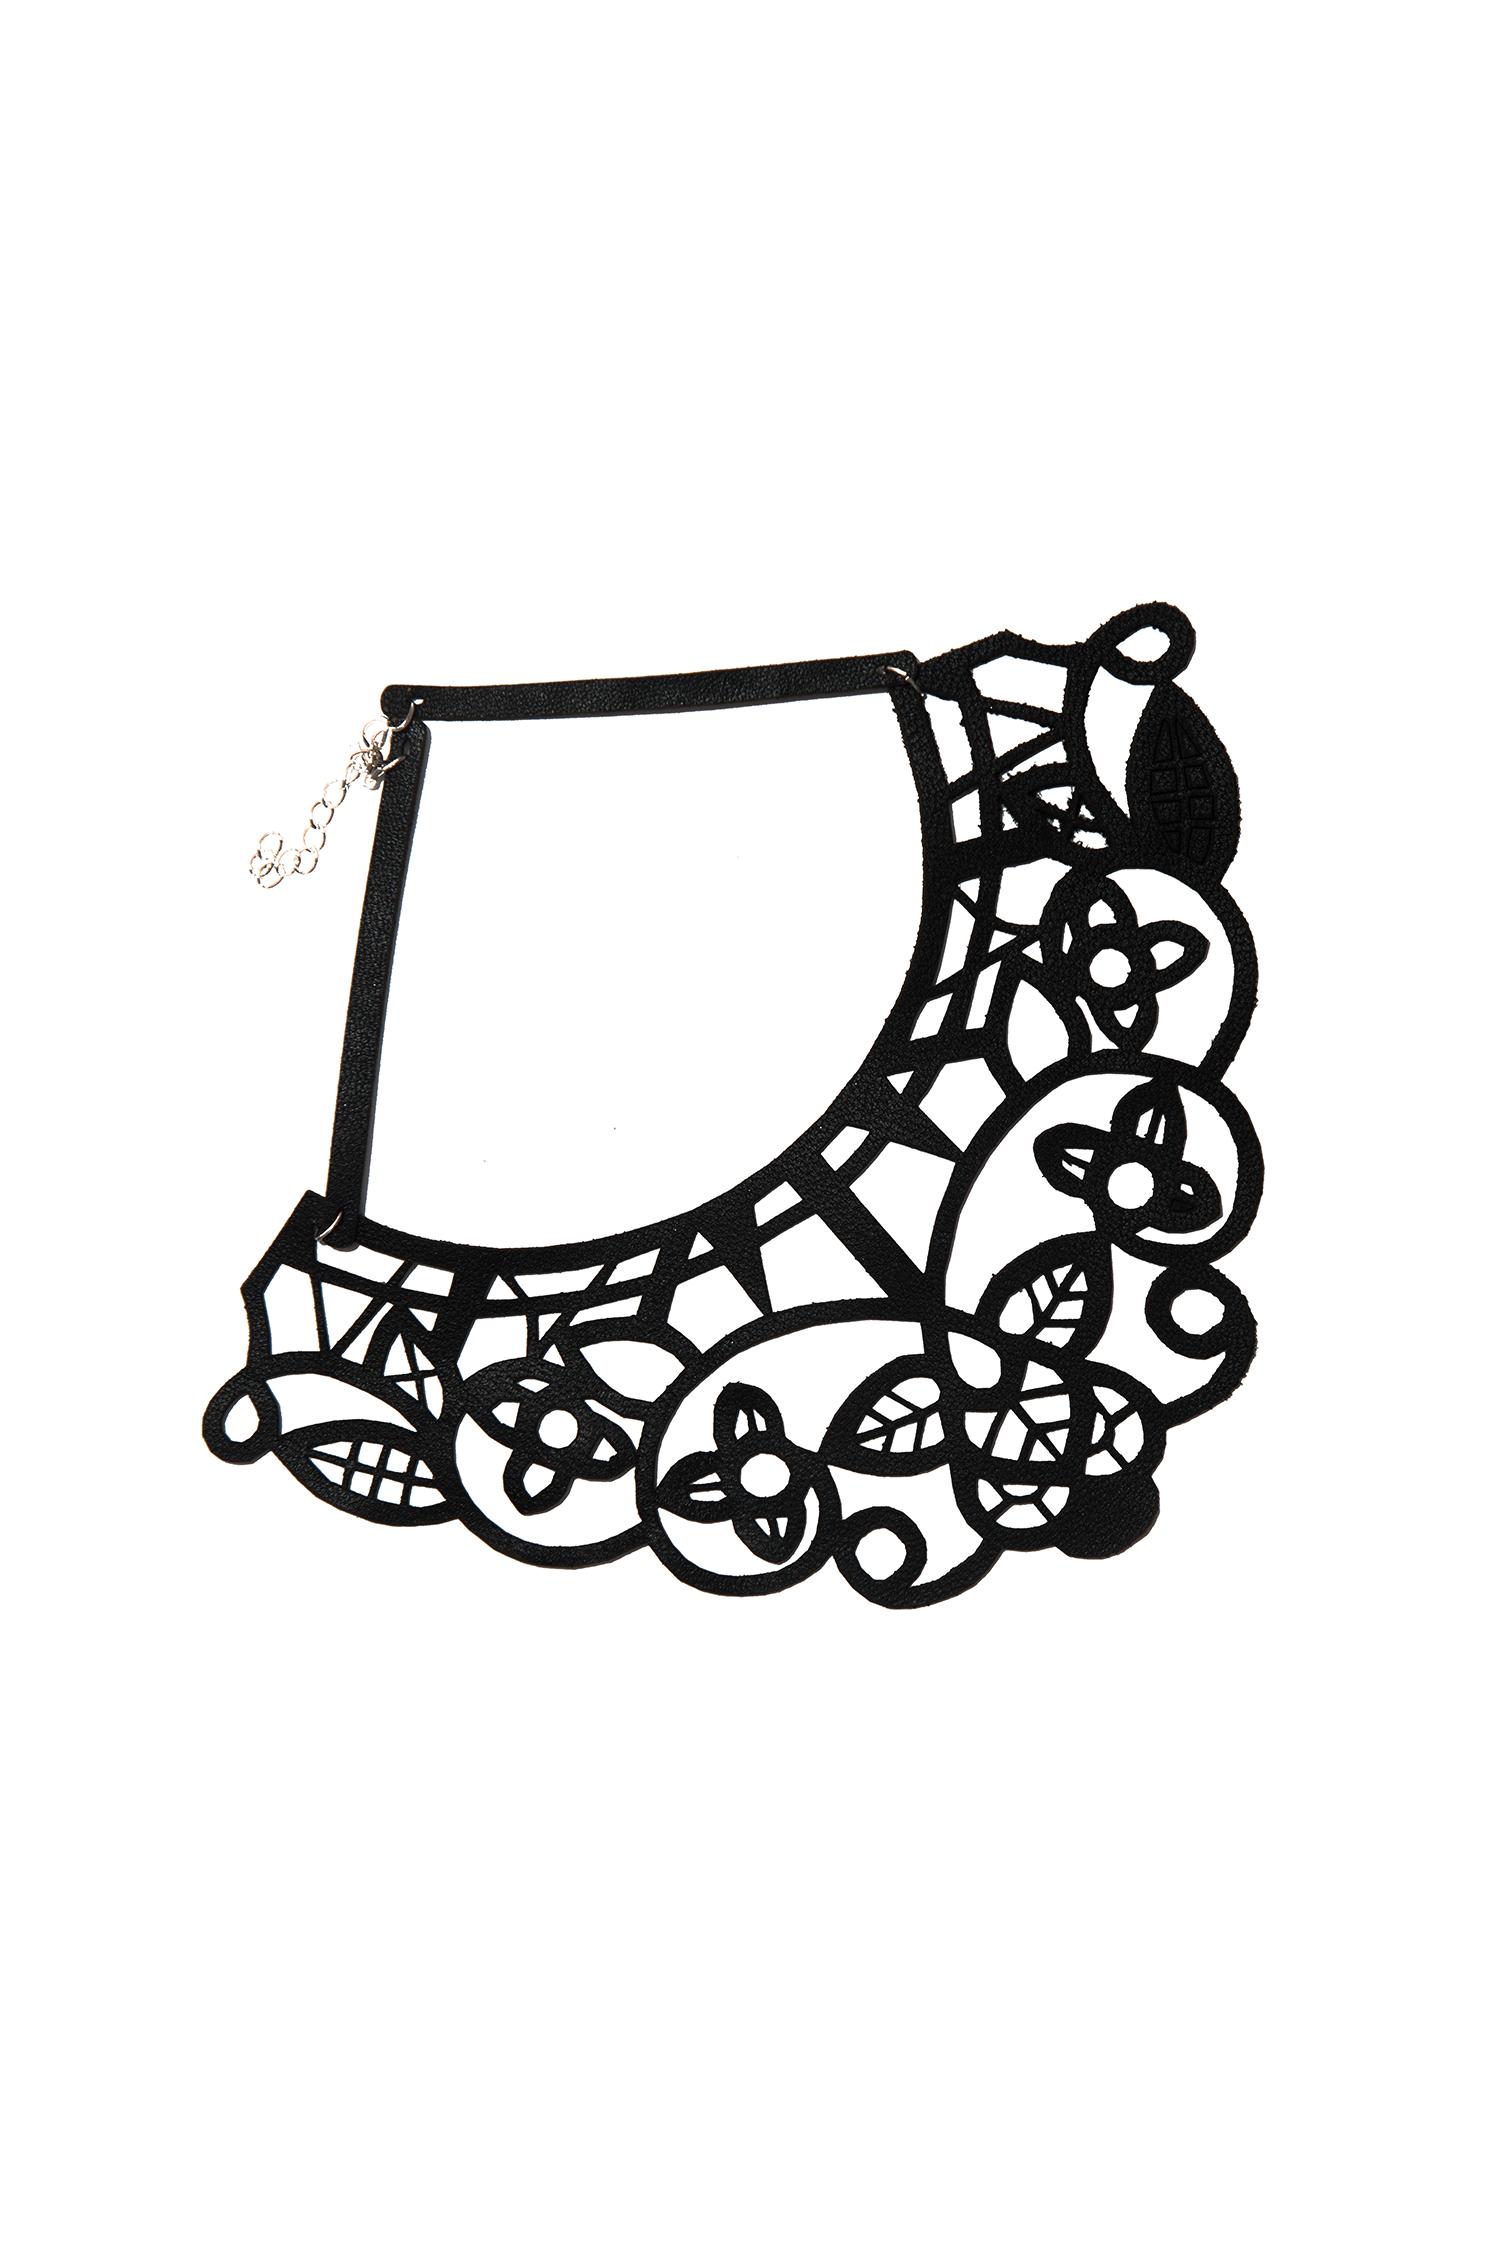 КольеОжерелья<br>Модное колье из кожи станет эффективным дополнением к вечернему платью, блузке или костюму.  Длина: 37 см, ширина: 8 см  Материал: натуральная кожа, металлическая фурнитура  Цвет: черный<br><br>По материалу: Кожа<br>По стилю: Повседневный стиль<br>Размер : UNI<br>Материал: Натуральная кожа<br>Количество в наличии: 3